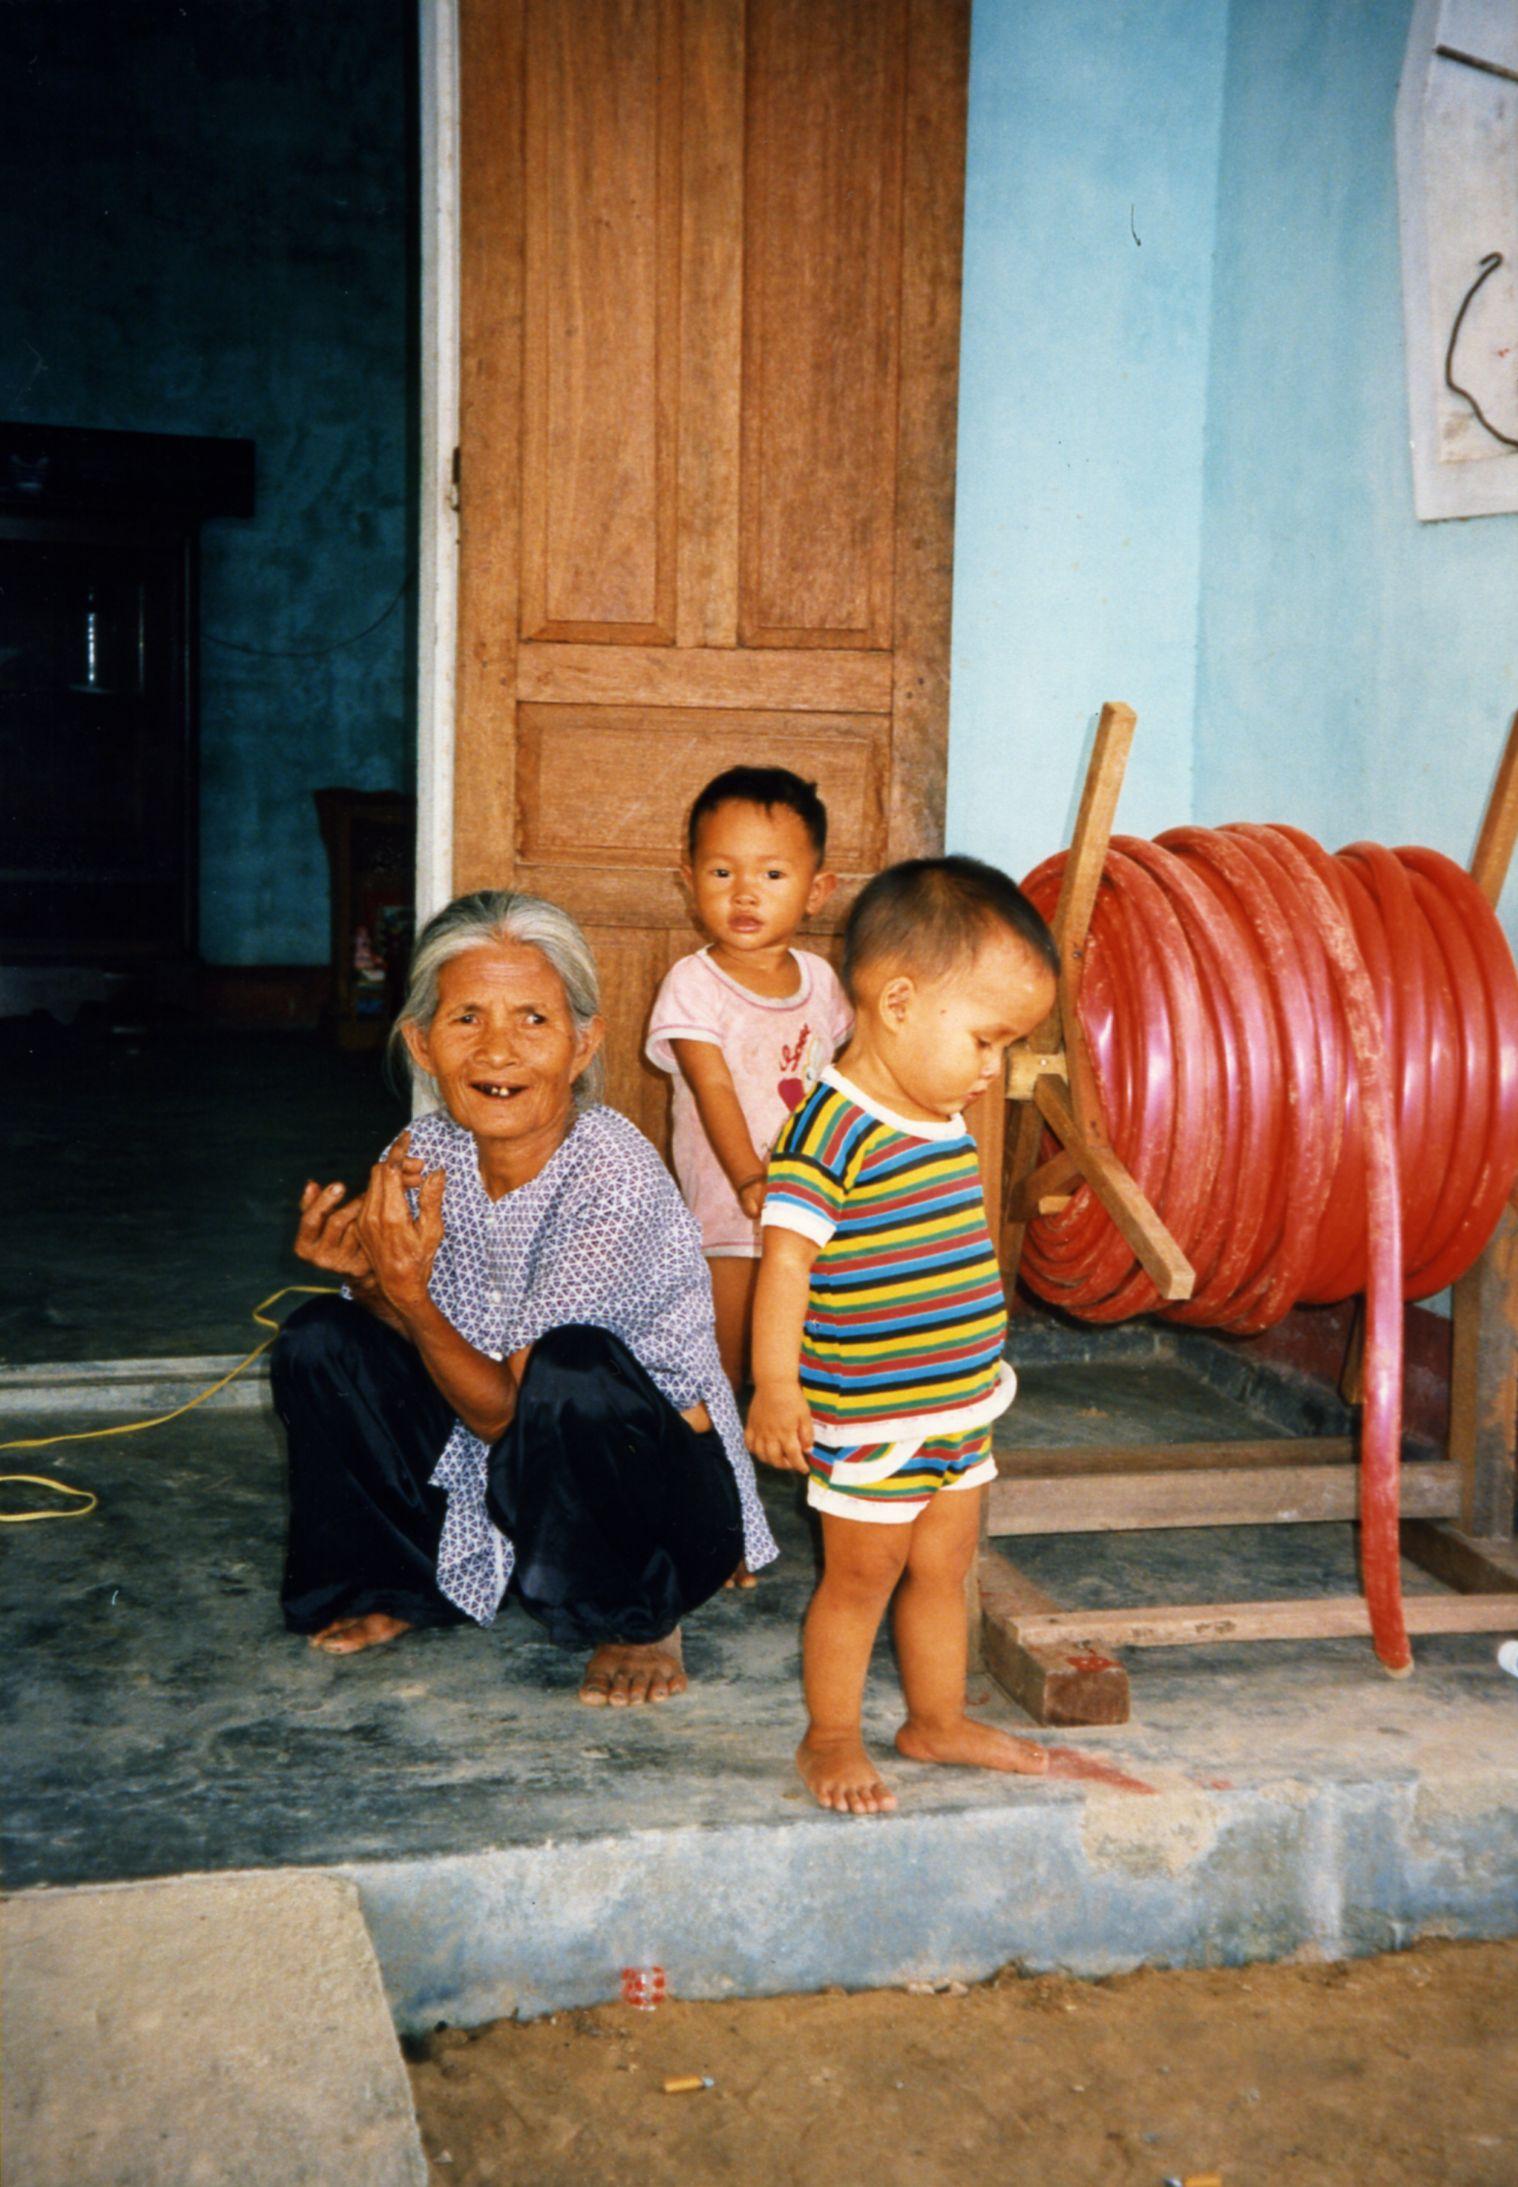 A My Son, il sito archeologico più suggestivo del Vietnam, in attesa del pranzo preparato solo per noi!